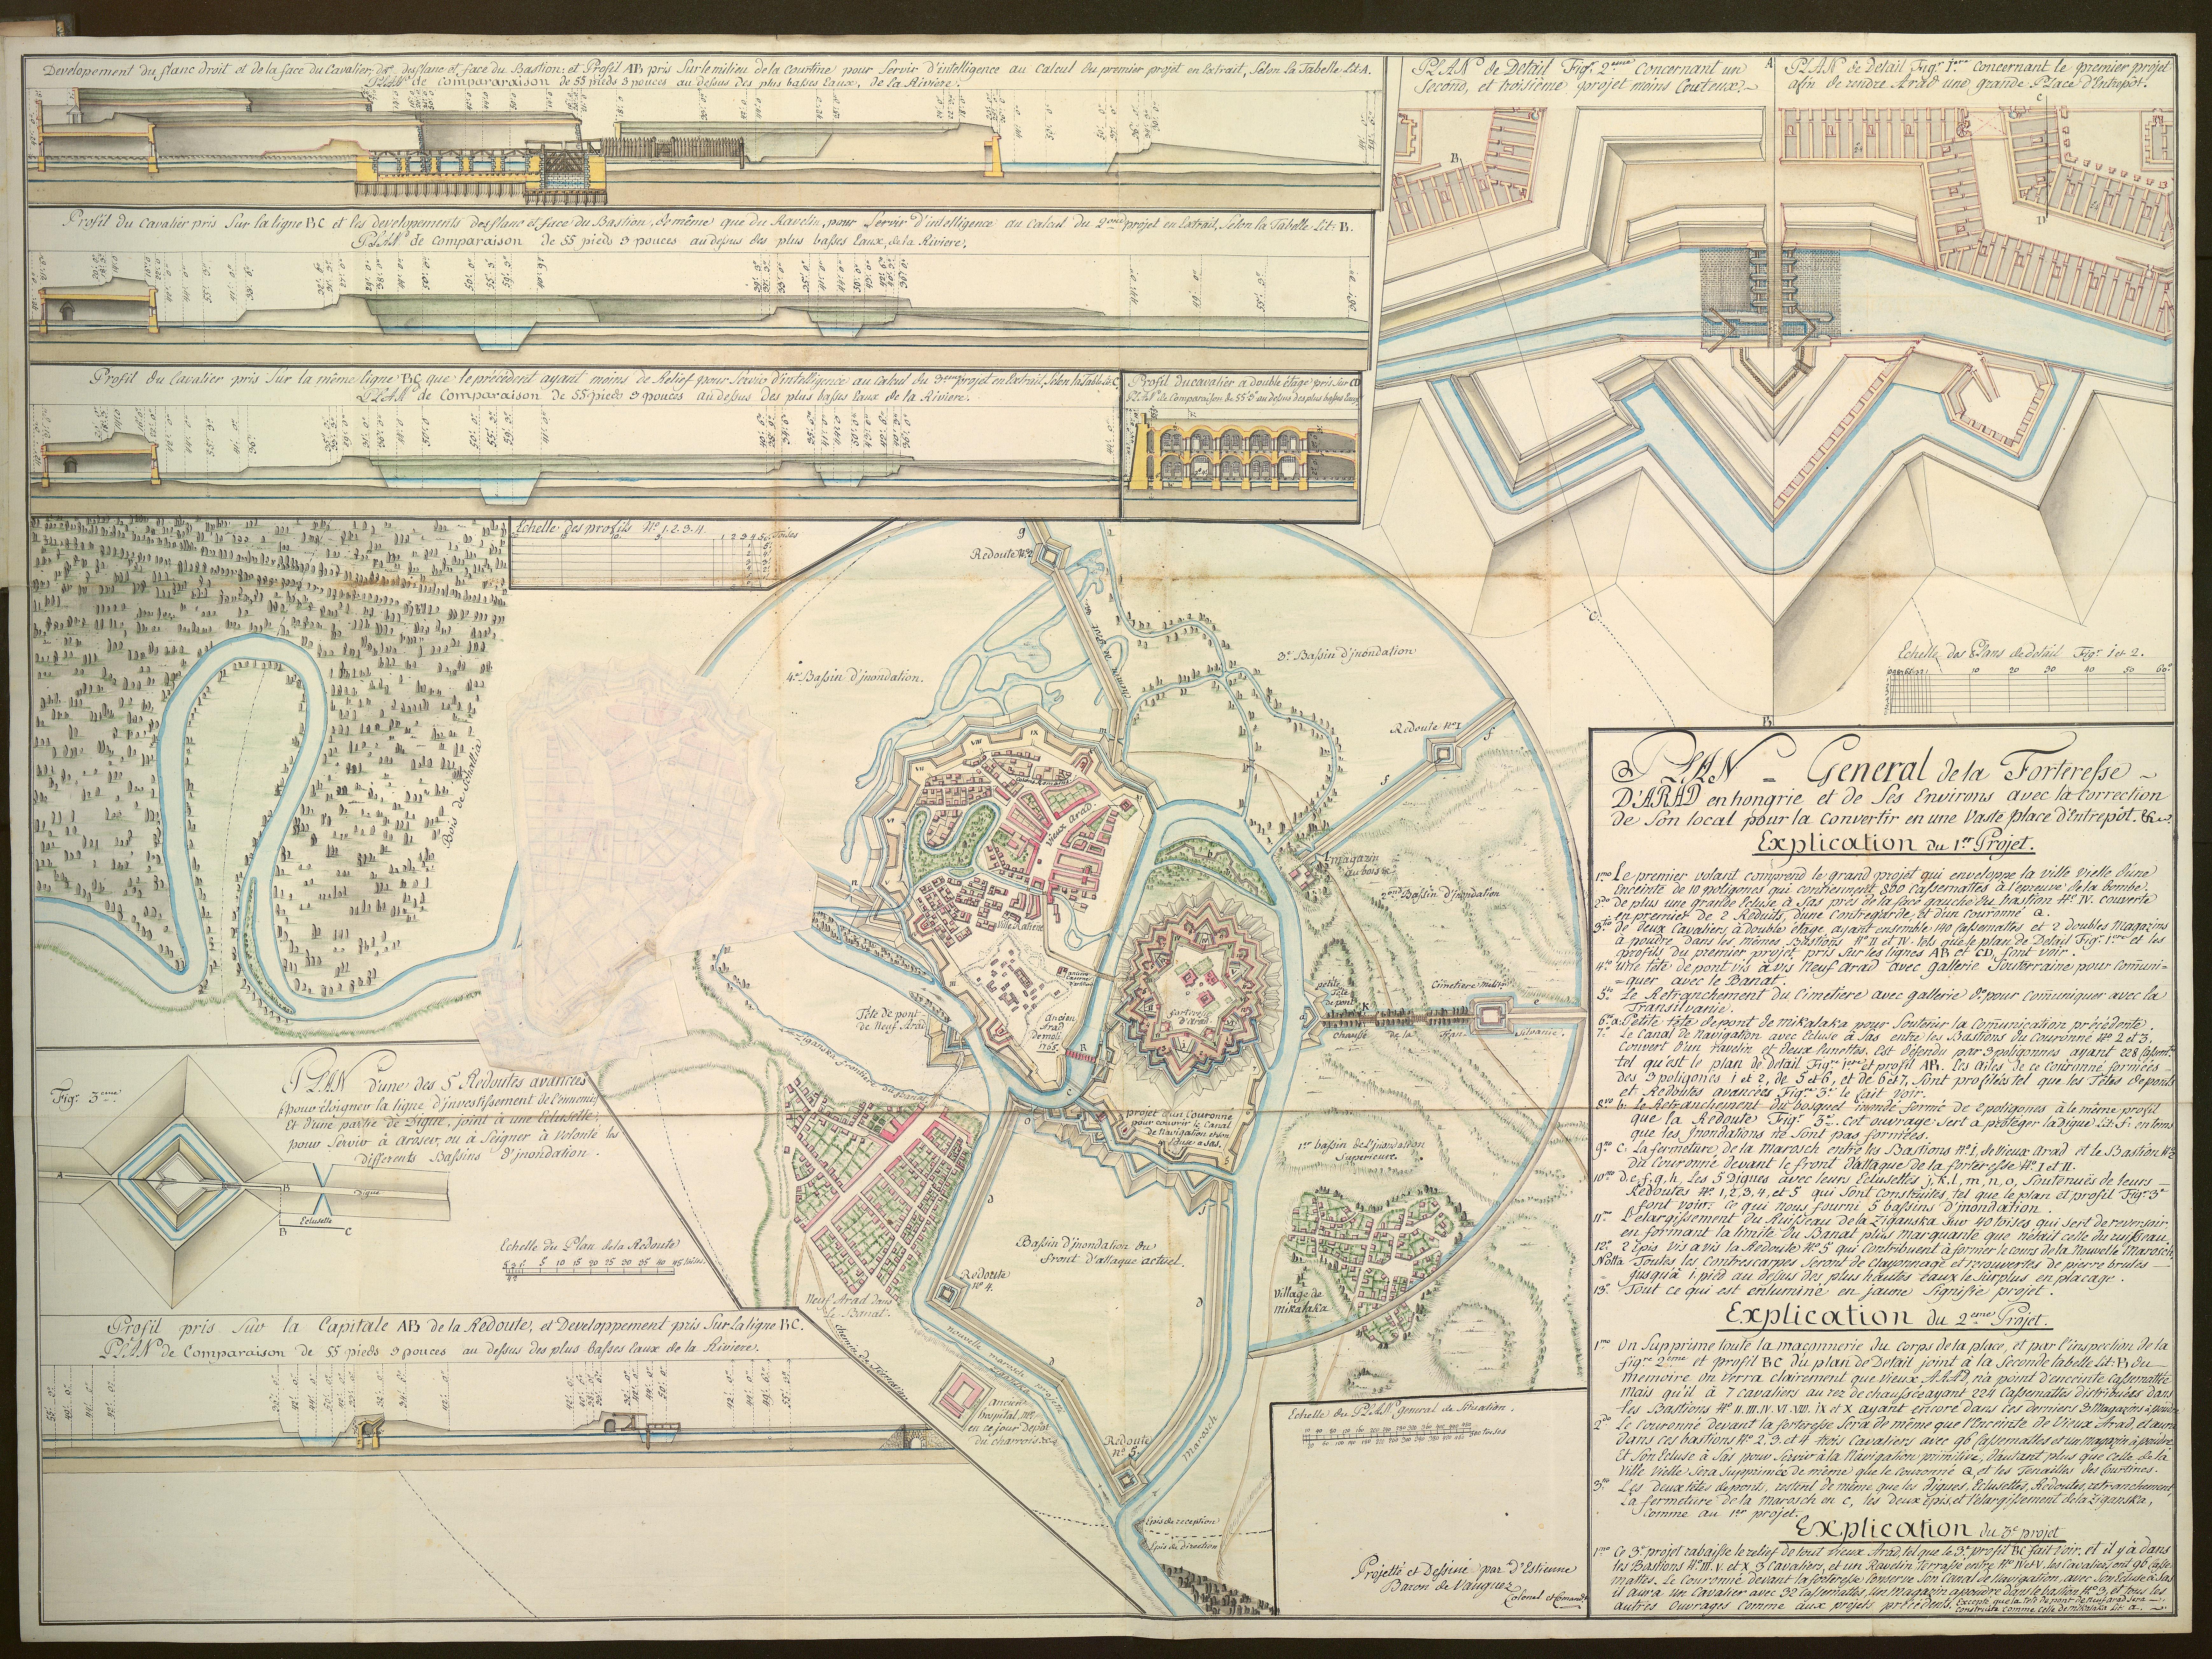 Jean Baptiste d'Estienne de Vauguez: Memoire sur l'exitance, l'emplacement, la construction des ouvrages de la fortification d'Arad